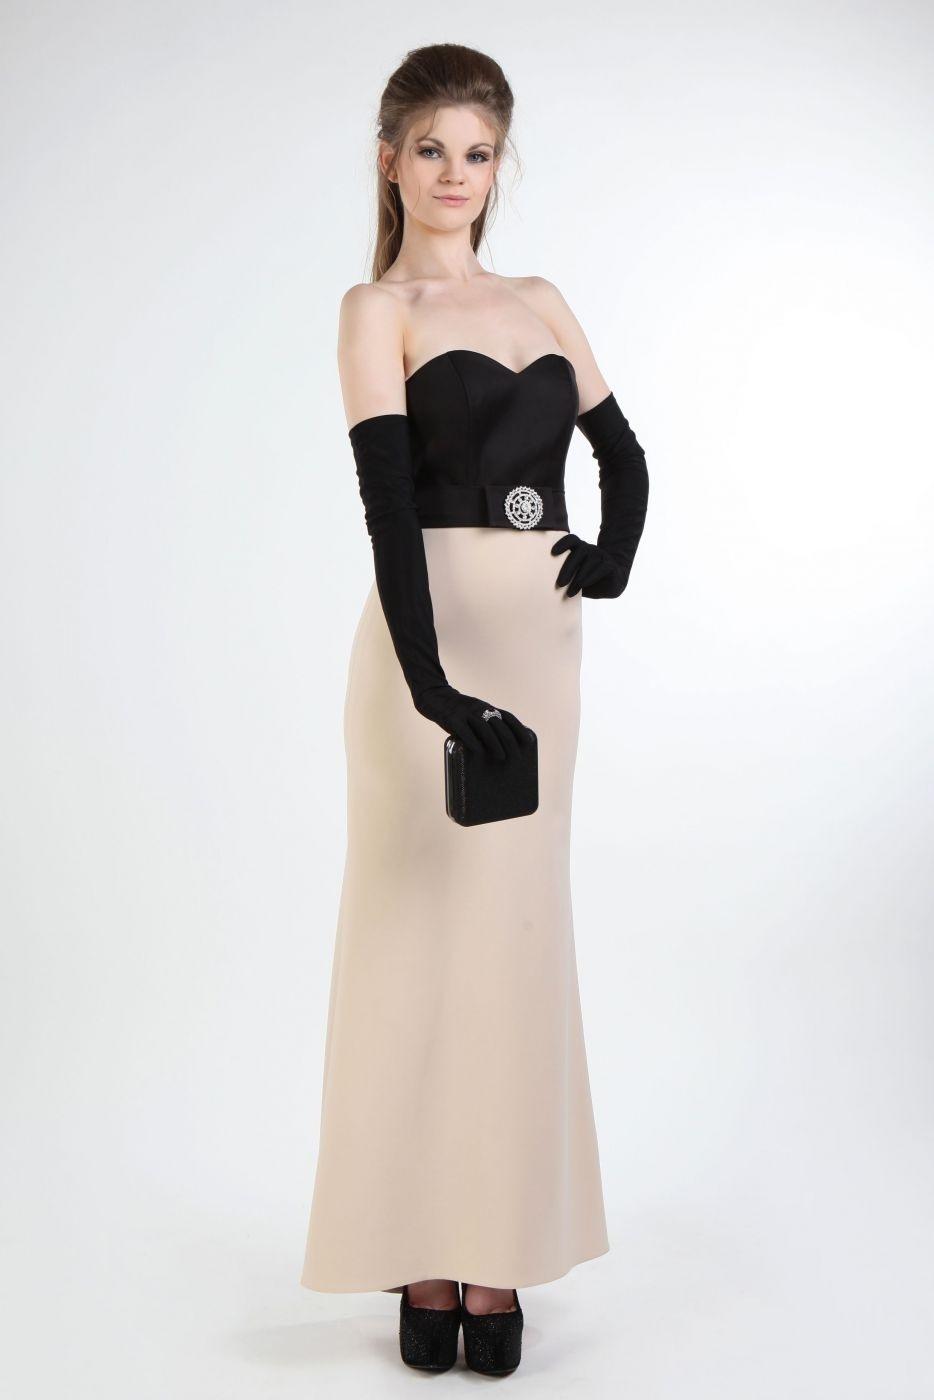 Abend Fantastisch Abendkleider Eng Lang für 2019Formal Schön Abendkleider Eng Lang Ärmel